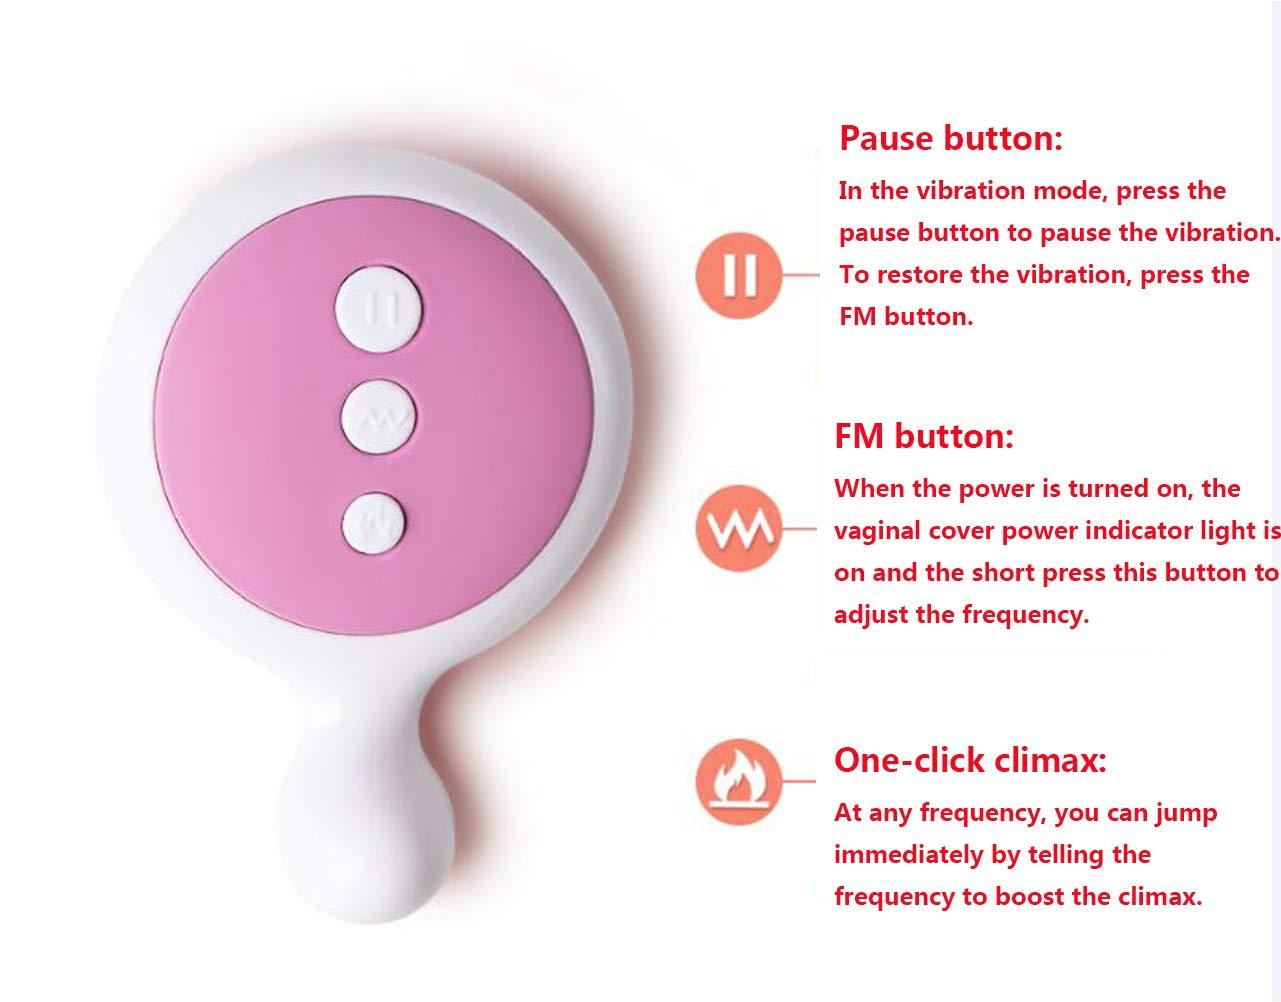 Masajeador Femenino MáScara Vaginal Invisible Viable Control Remoto De VibracióN Saltando Huevo Juguete Adulto: Amazon.es: Salud y cuidado personal